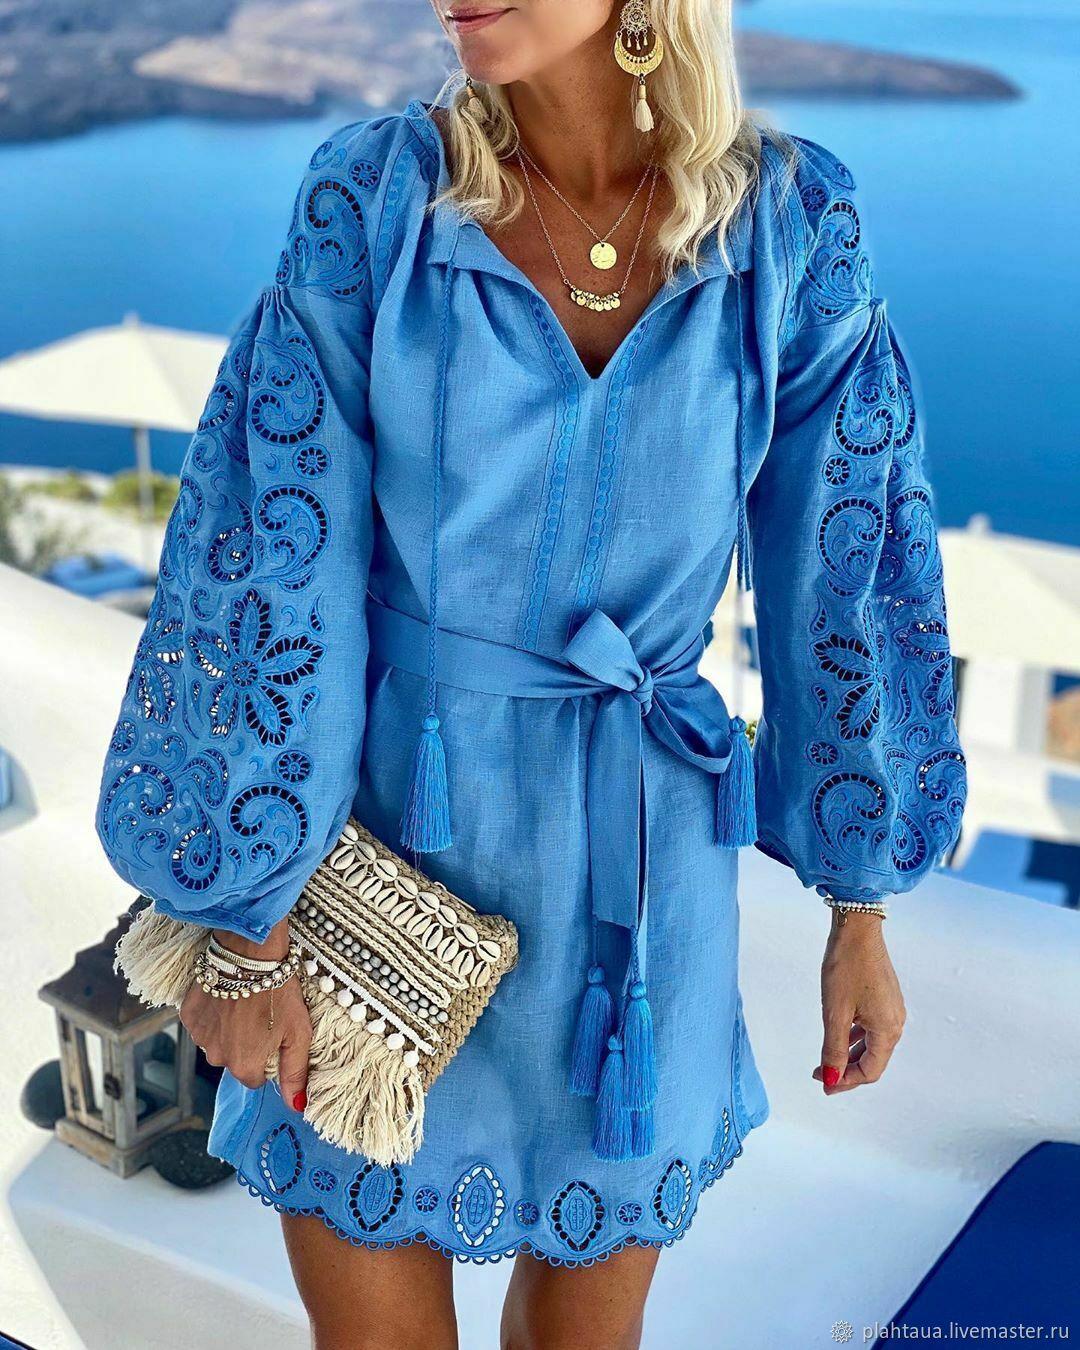 """Blue cut-embroidered dress """"Elegy of the Sea"""", Dresses, Kiev,  Фото №1"""